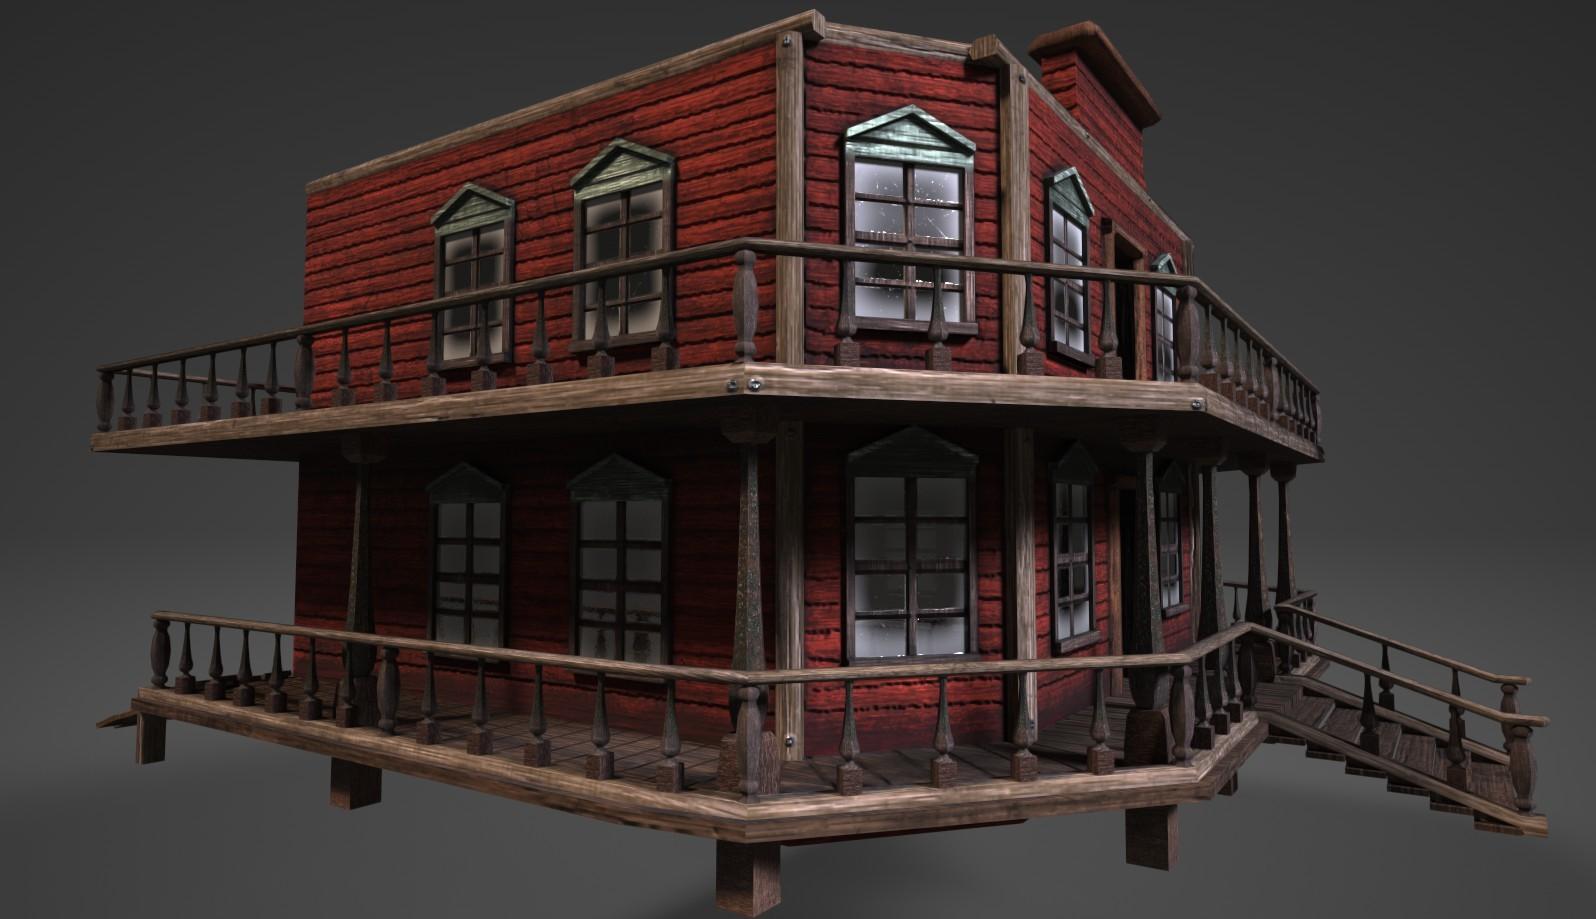 Home Plan Designer Ruben Van Bladel Wild West Saloon